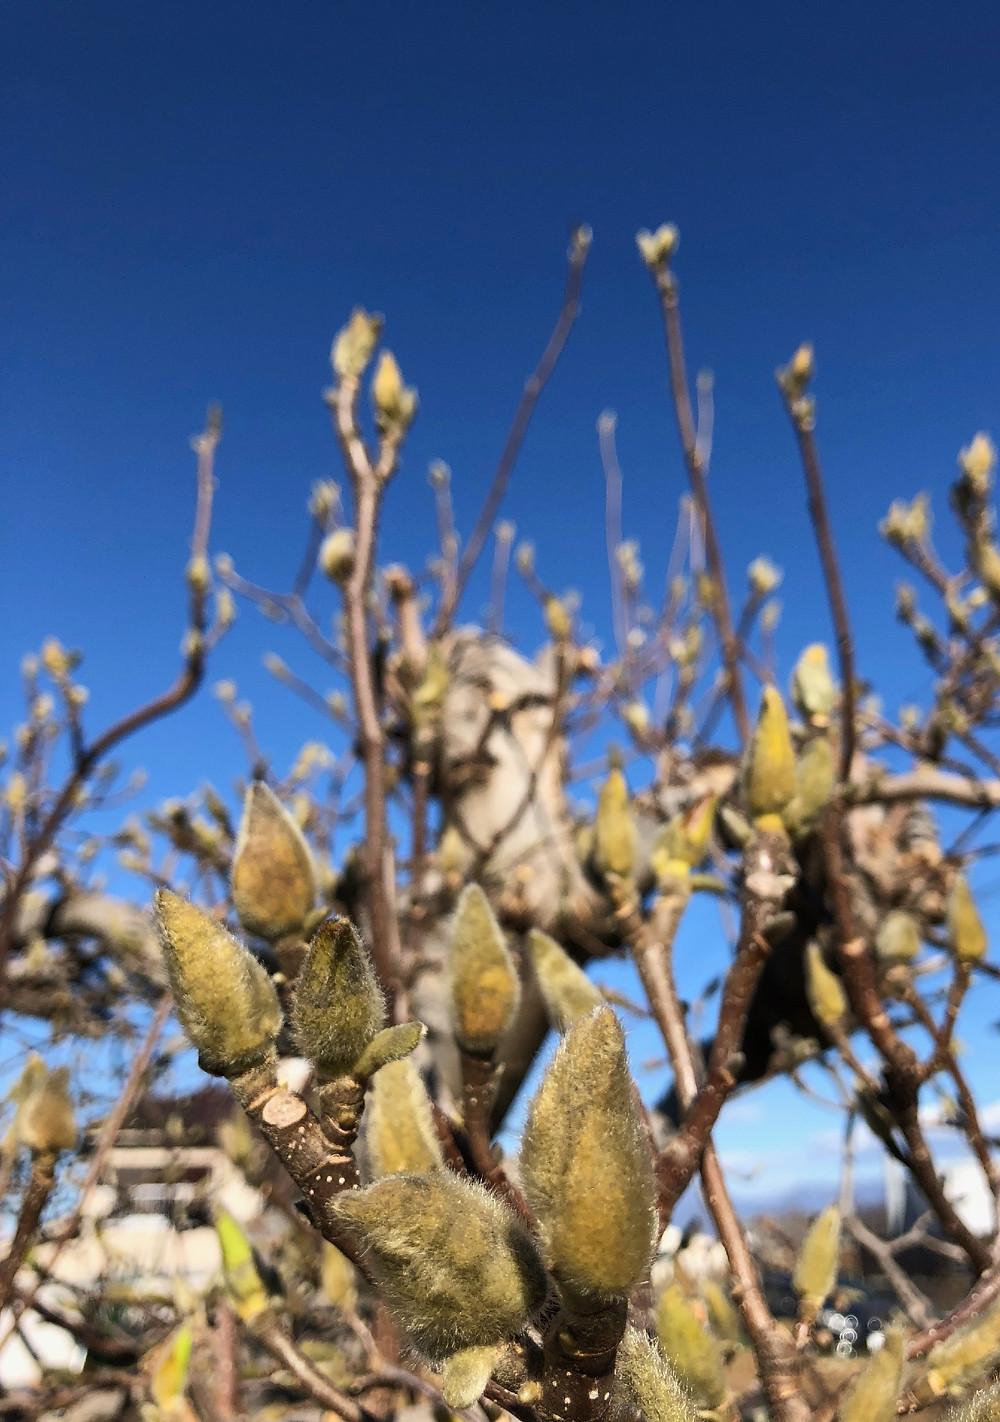 2019年。お正月の空に膨らむコブシの蕾。インテリアコーディネーターのブログ。